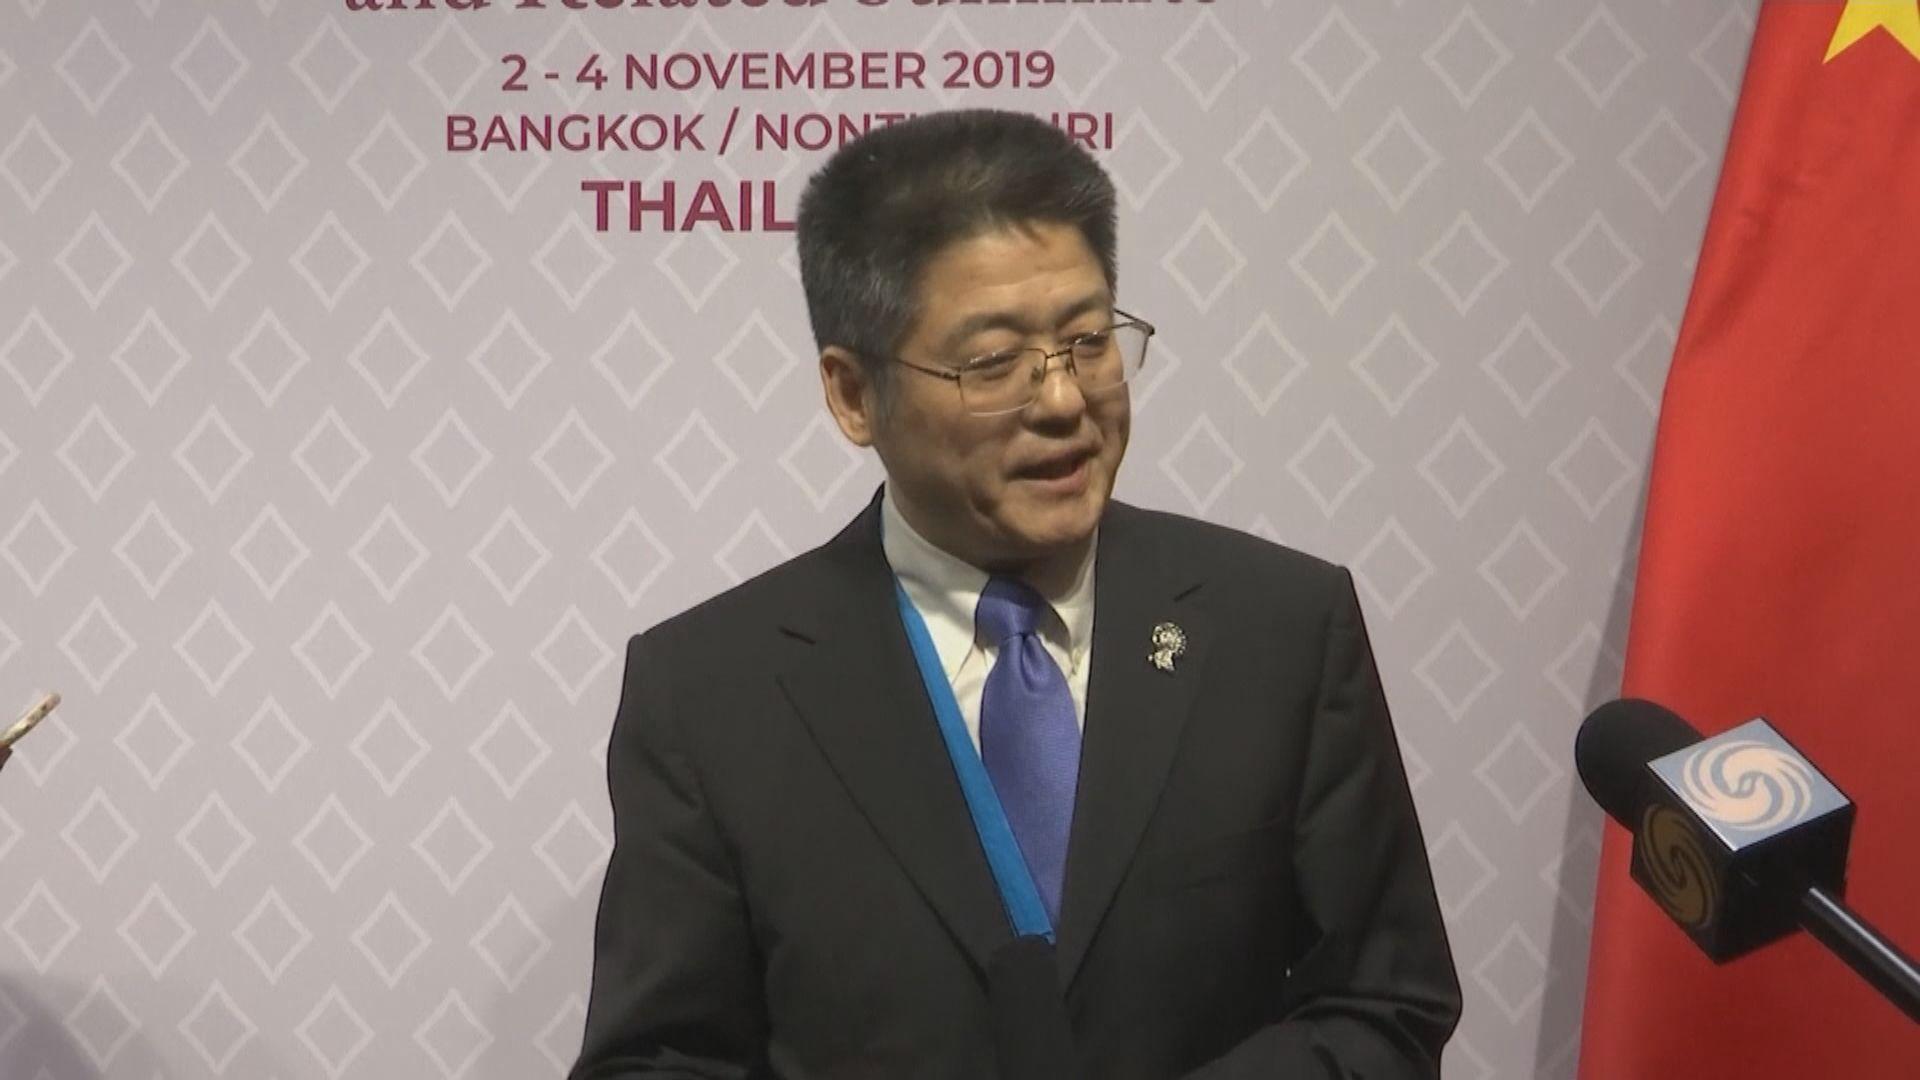 中國副外長:中國不是病毒的同謀而是受害者